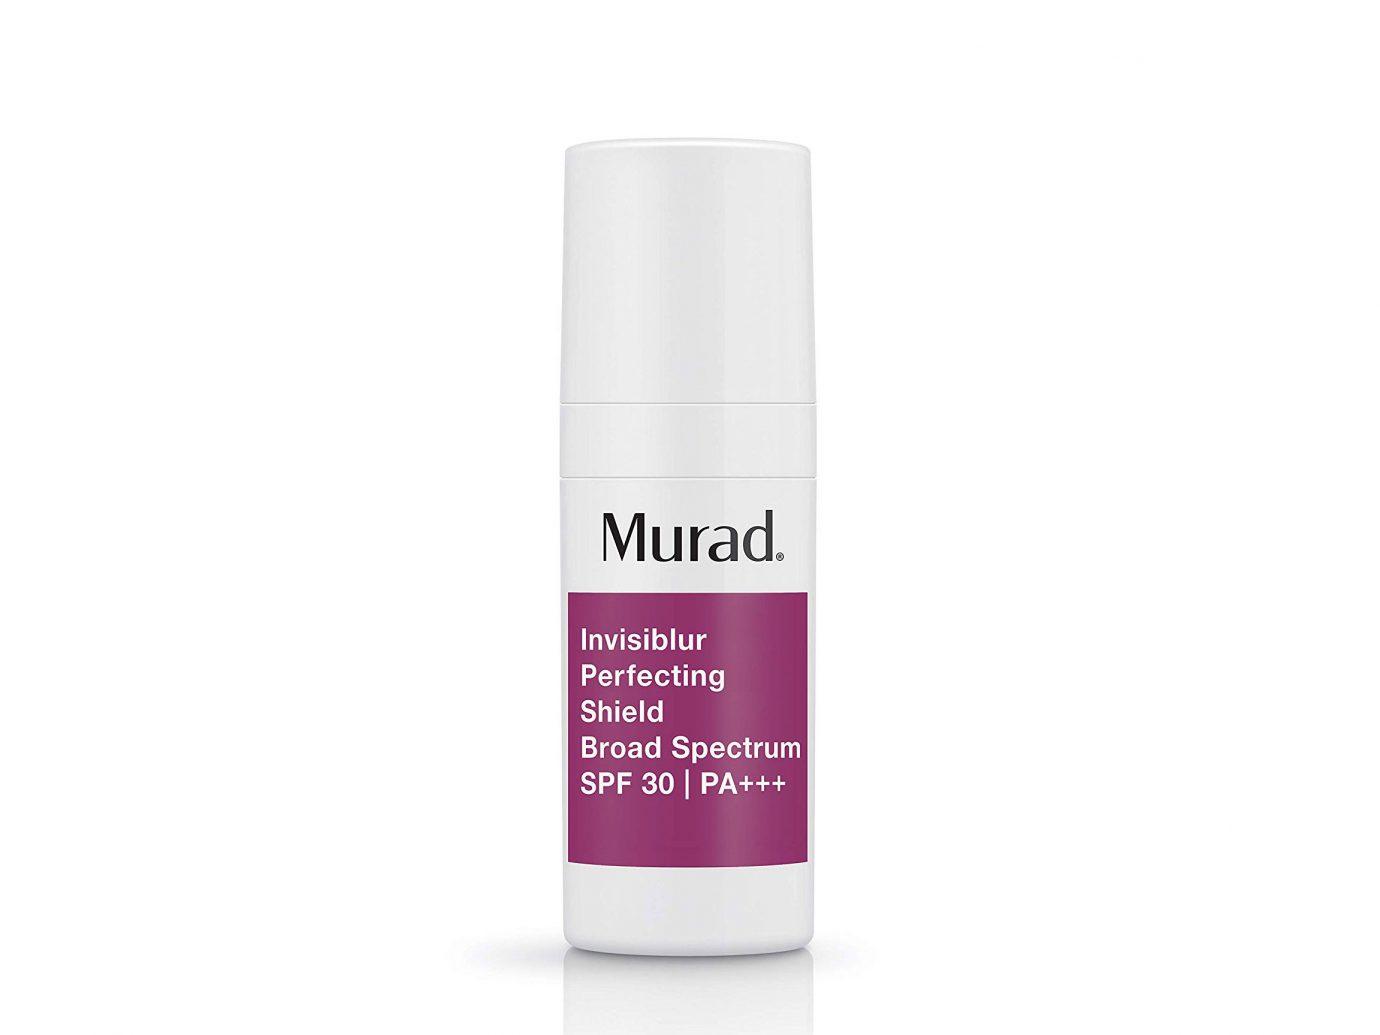 Murad Invisiblur Perfecting Shield Broad Spectrum SPF 30 Serum